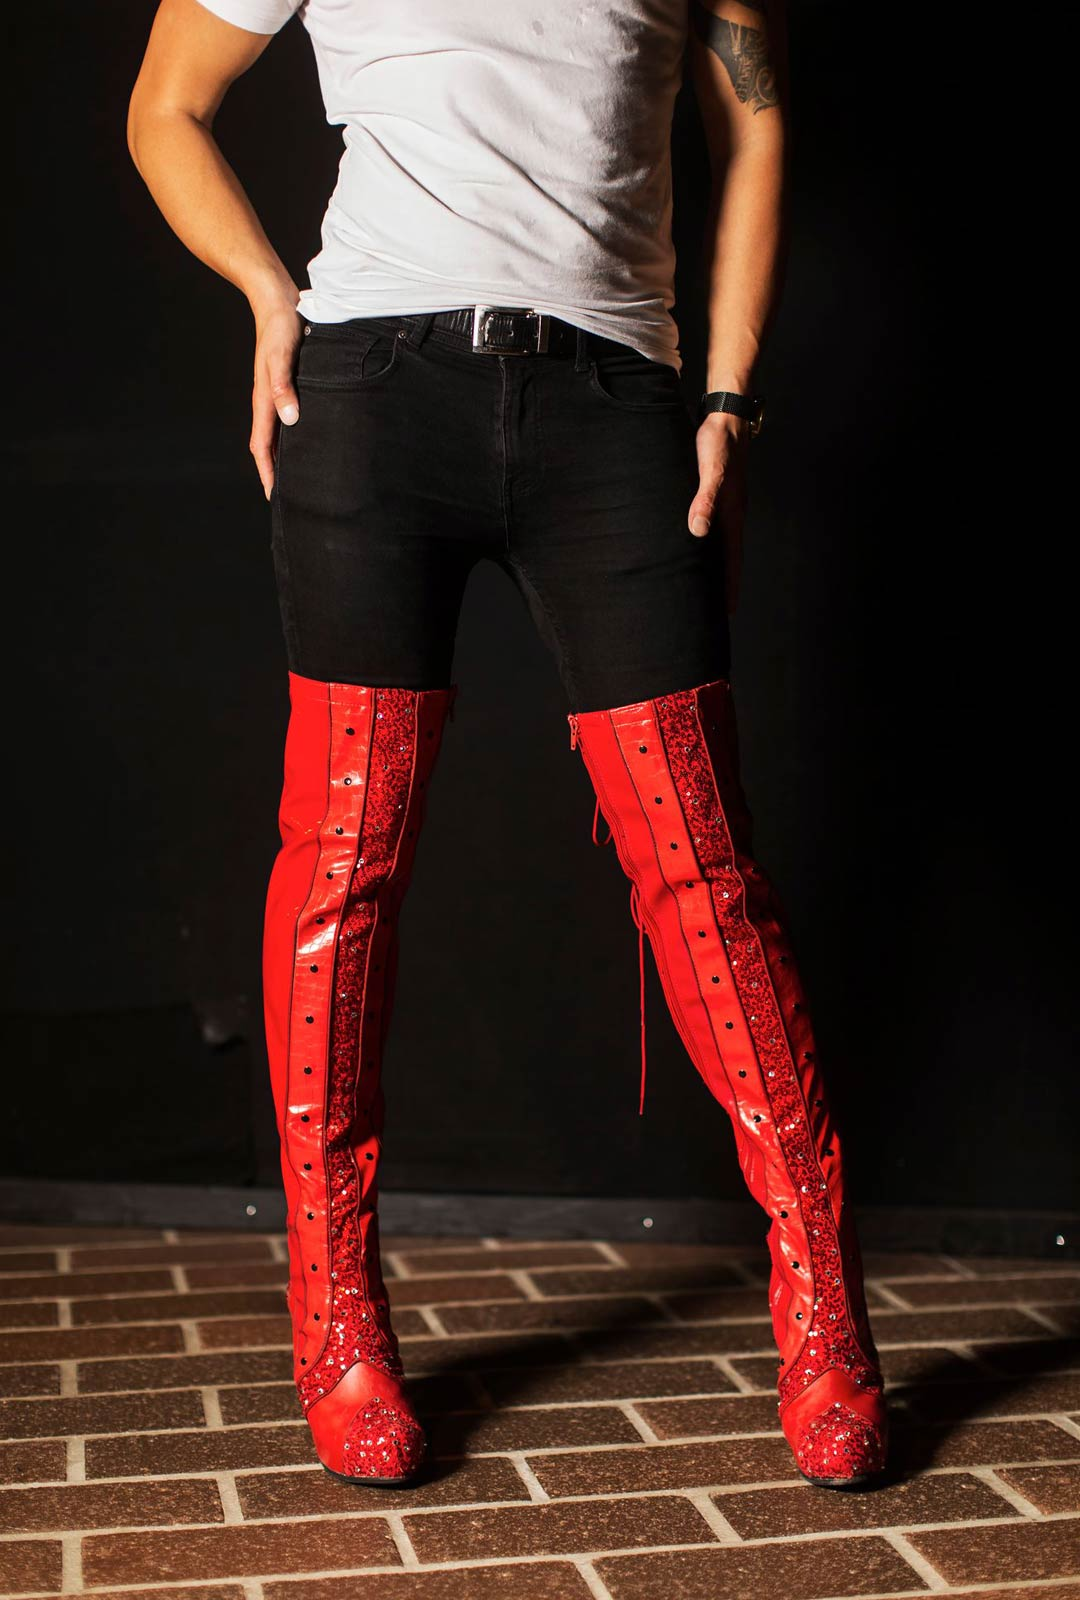 Kinky Boots vie katsojan tehdashallien hämärästä muodin huipulle. Asusteista ei puutu näyttävyyttä.